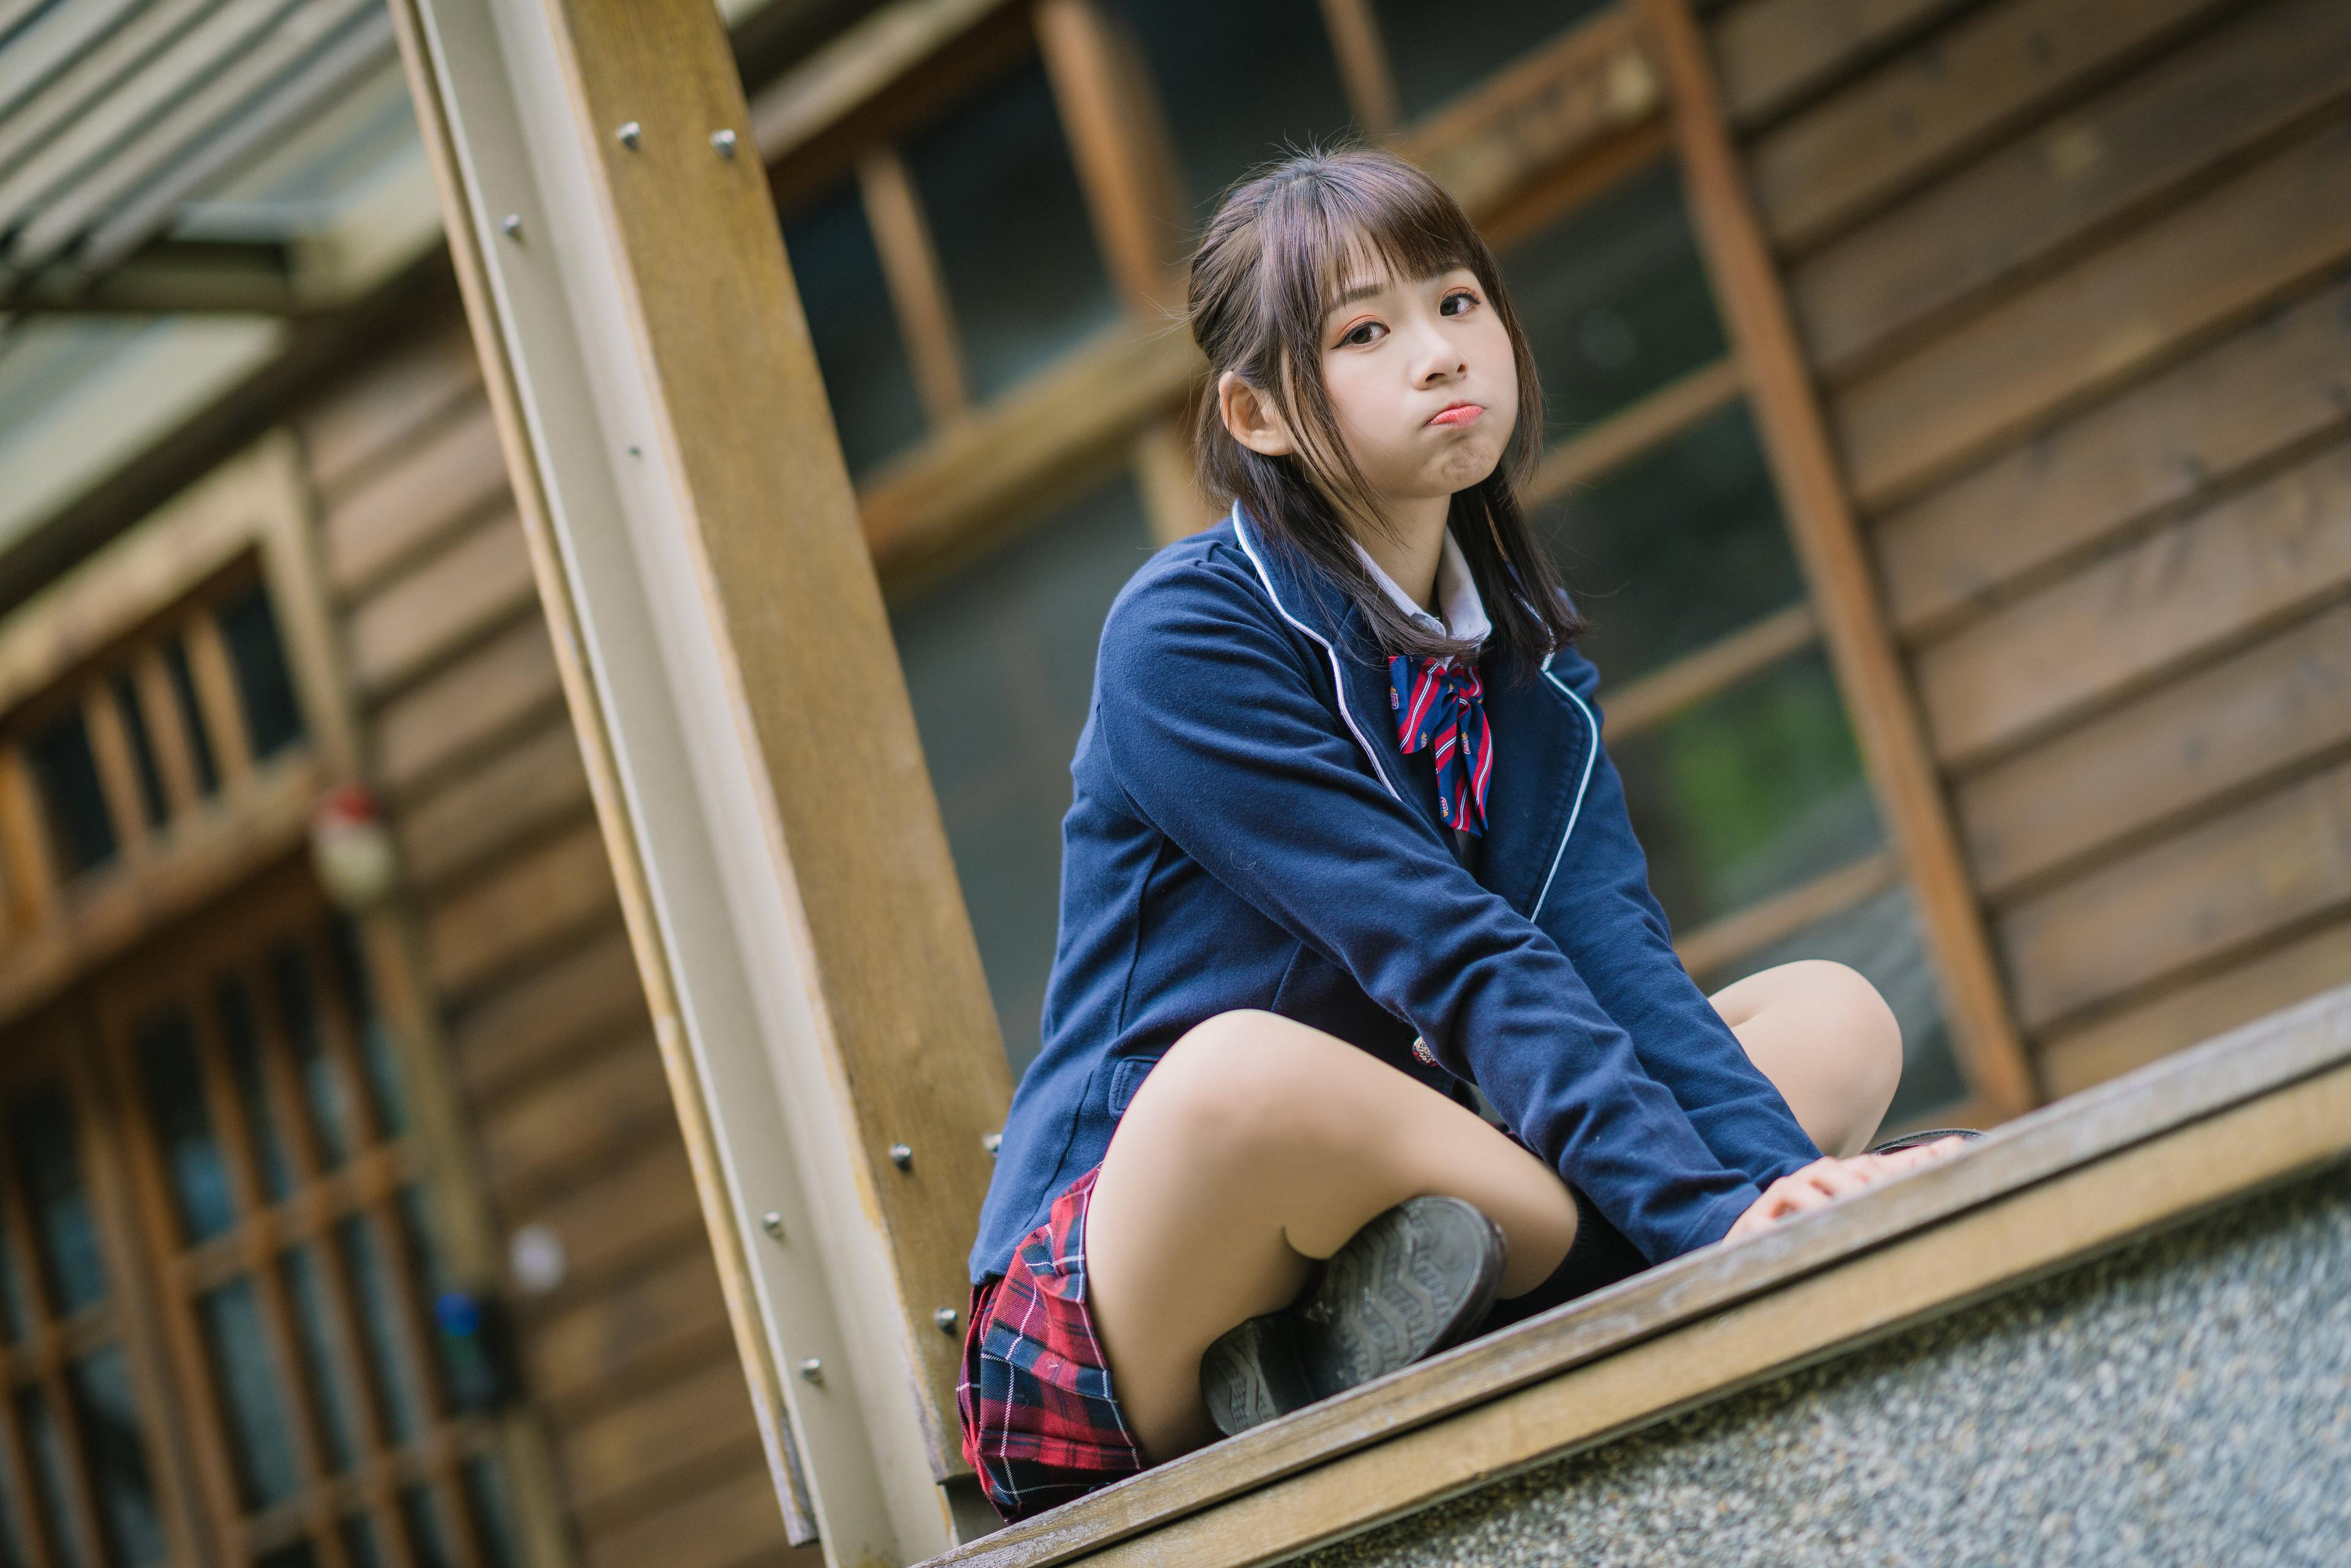 Fotos von Schülerin posiert junge frau Asiatische Sitzend Uniform Starren 3840x2561 Schulmädchen Pose Mädchens junge Frauen Asiaten asiatisches sitzt sitzen Blick